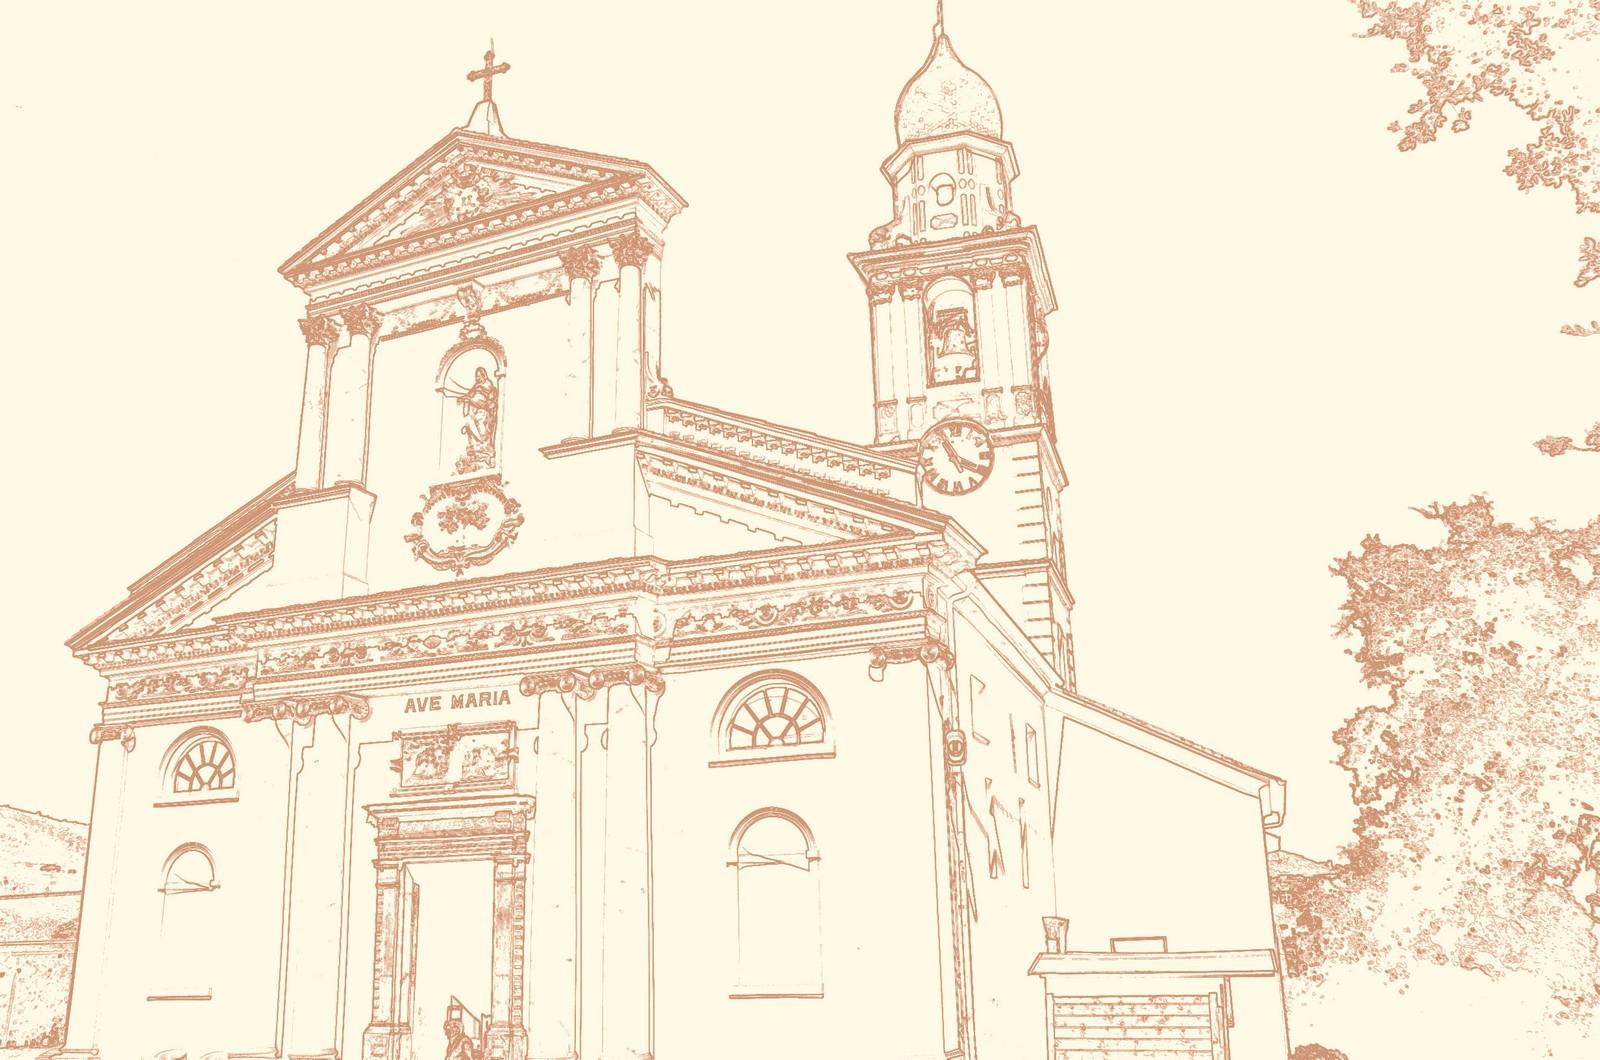 Santa María del Roble, Santuario con Varias Apariciones, Italia (18 abr, 10 may, 27 jul)